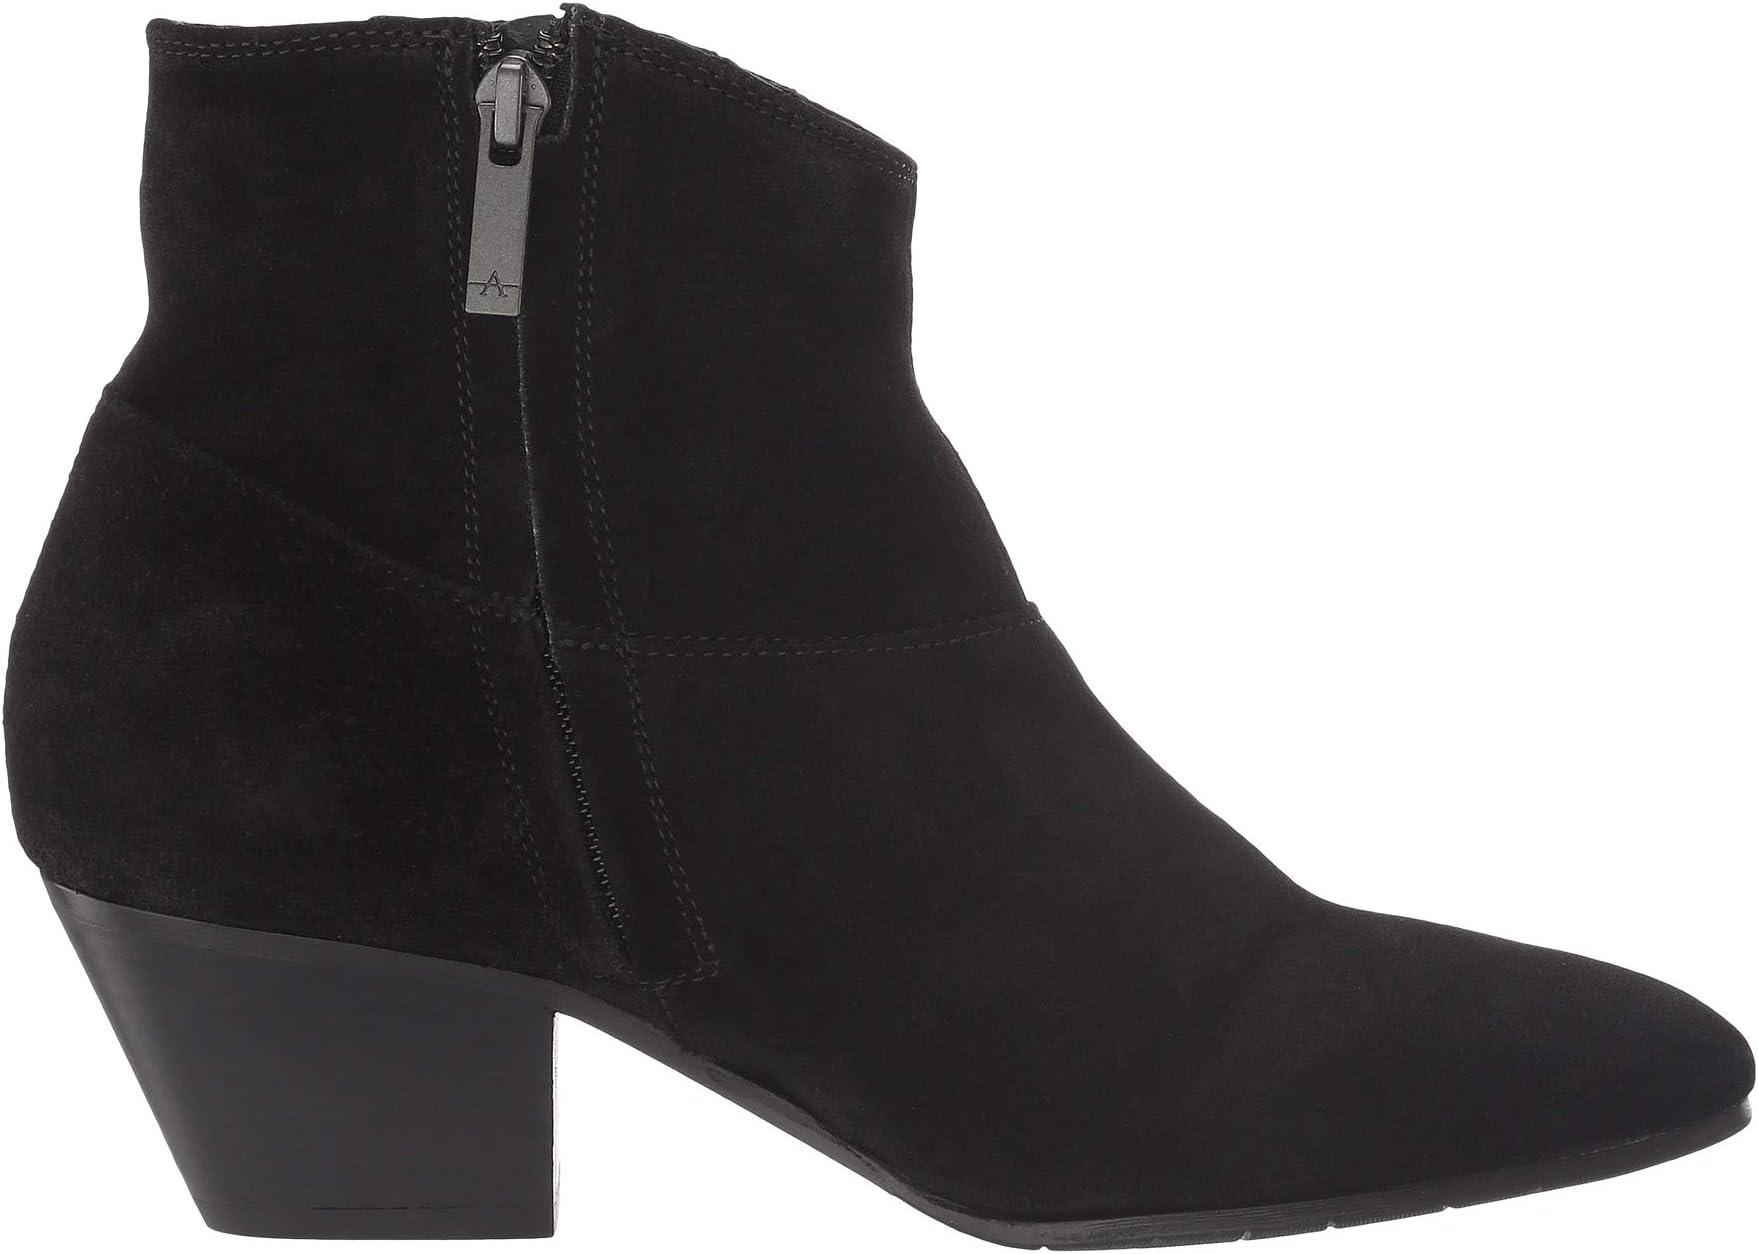 Aquatalia Toni Suede | Women's shoes | 2020 Newest